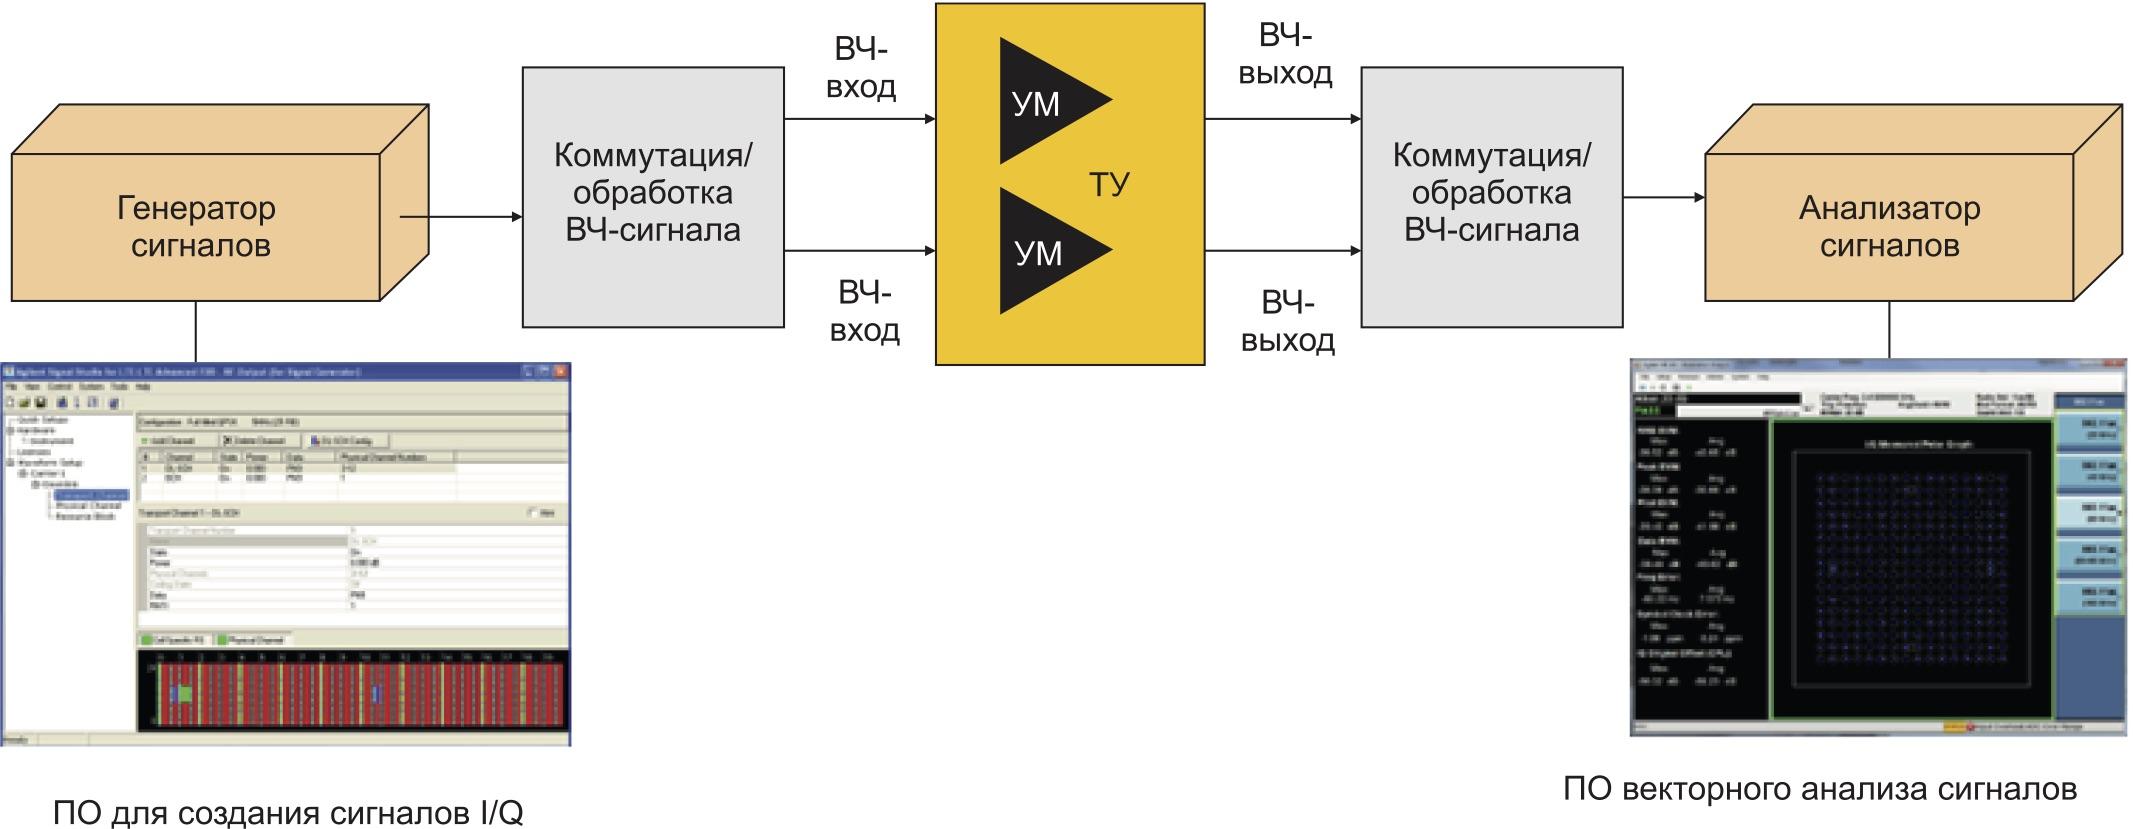 Упрощенная блок-схема тестирования усилителя мощности